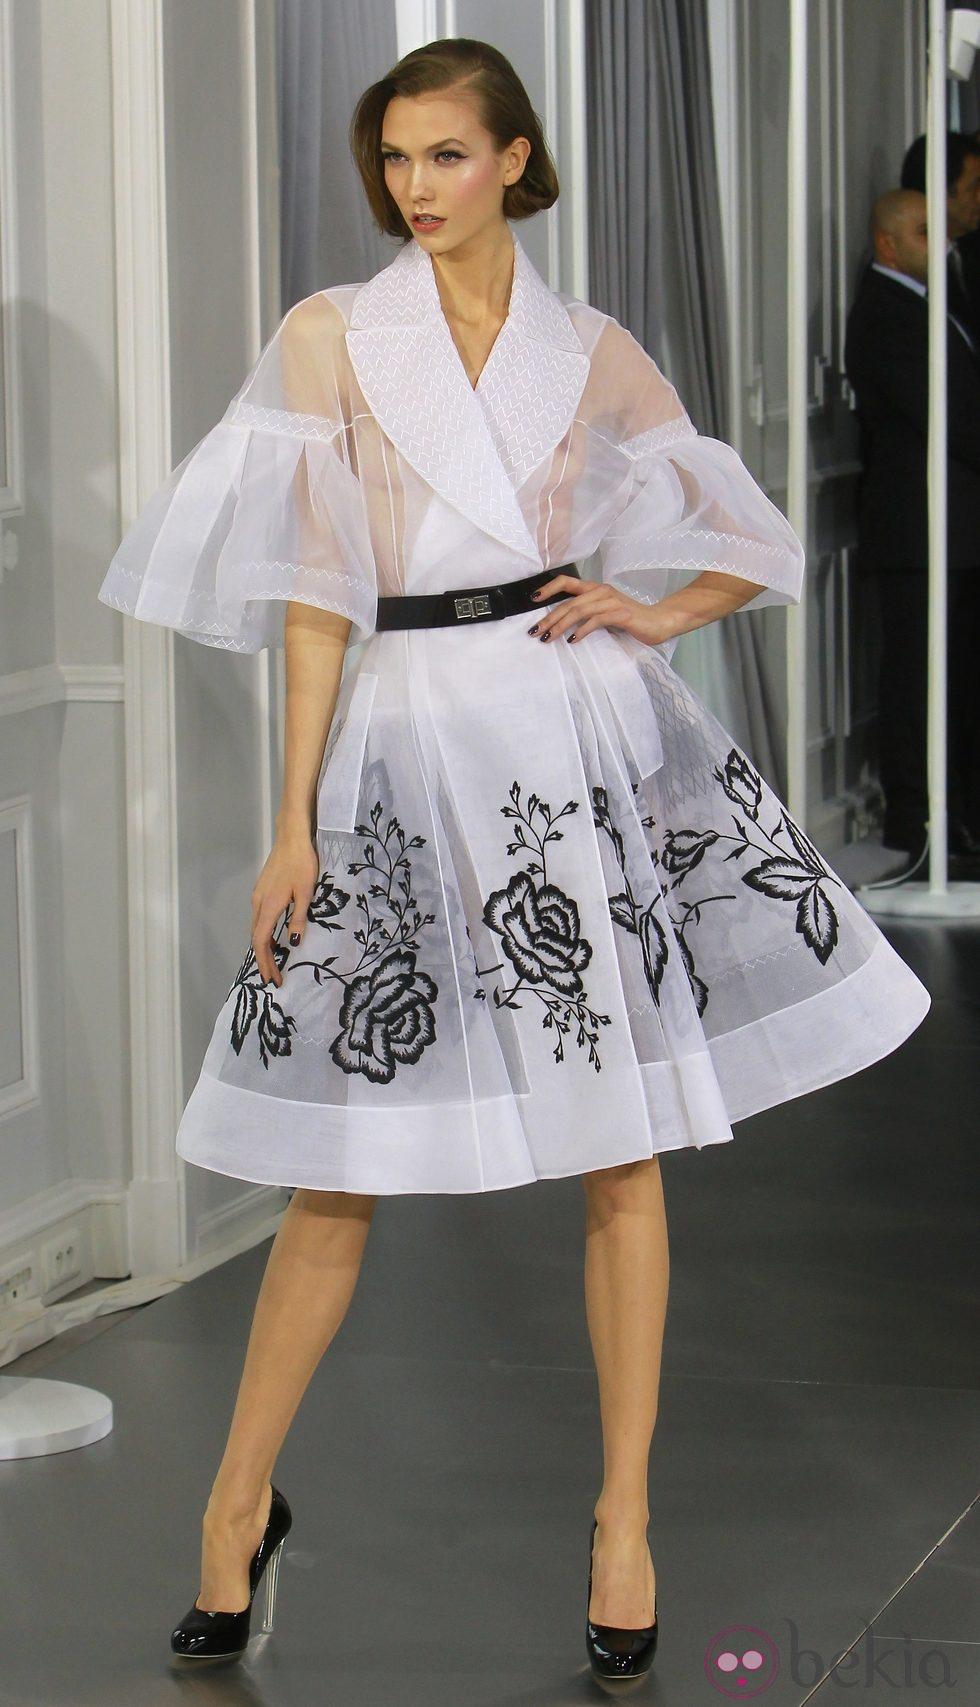 Dise o new look de tul blanco con bordados florales en - Diseno alta costura ...